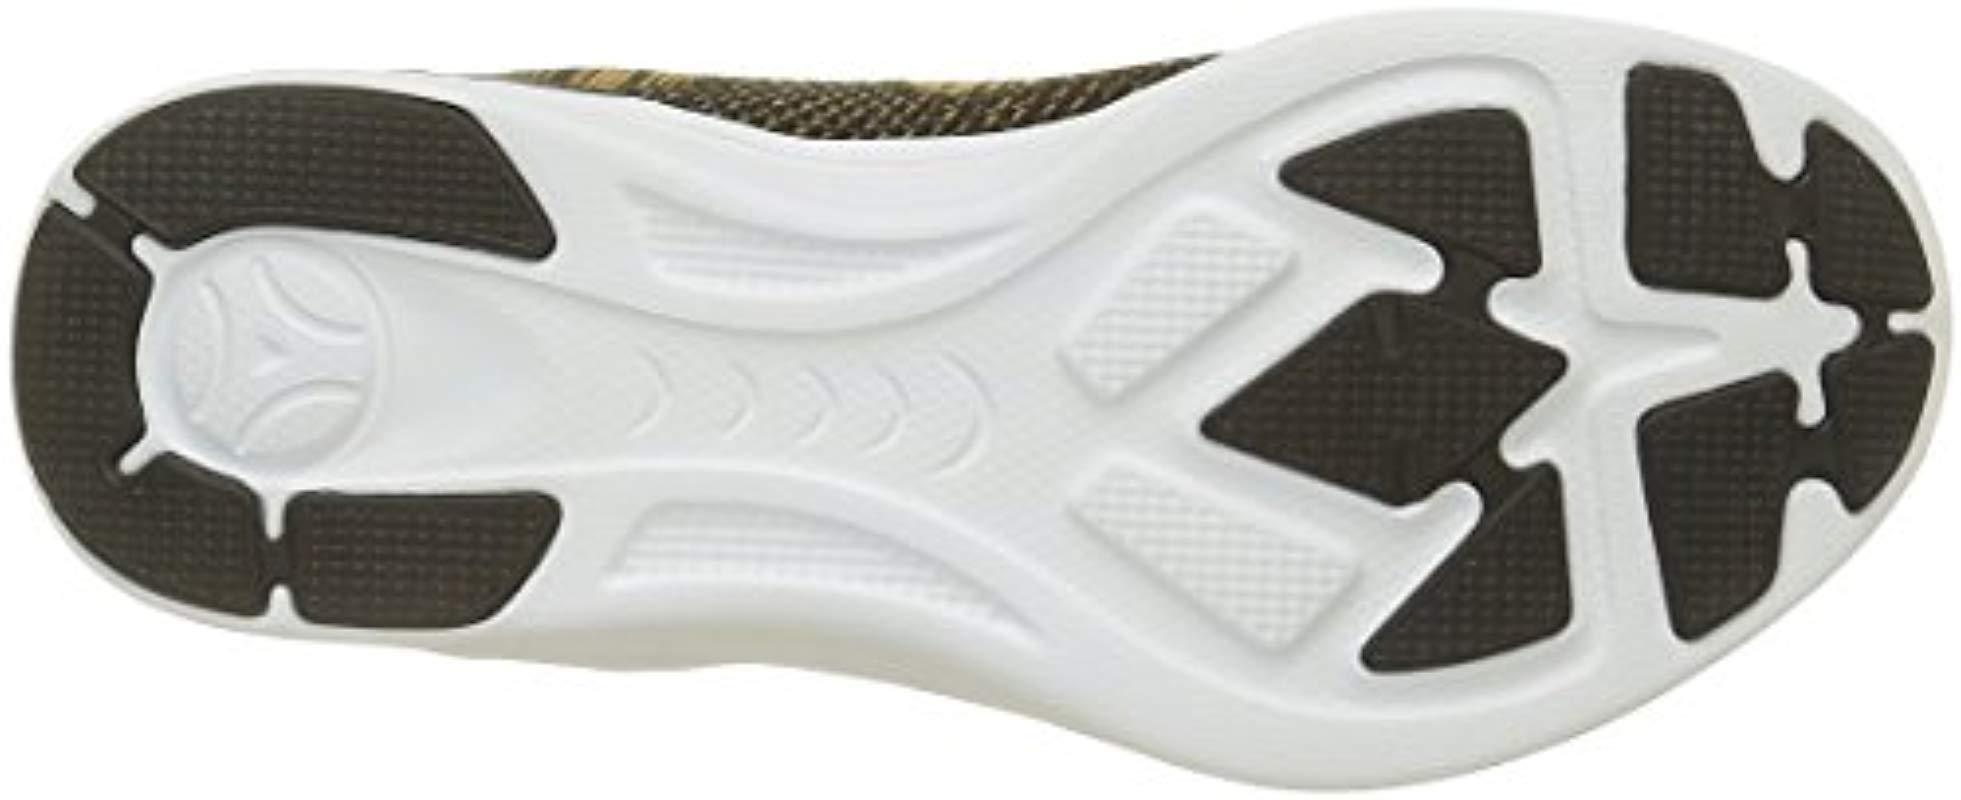 Zapatillas Pepe Jeans - 6 % de descuento